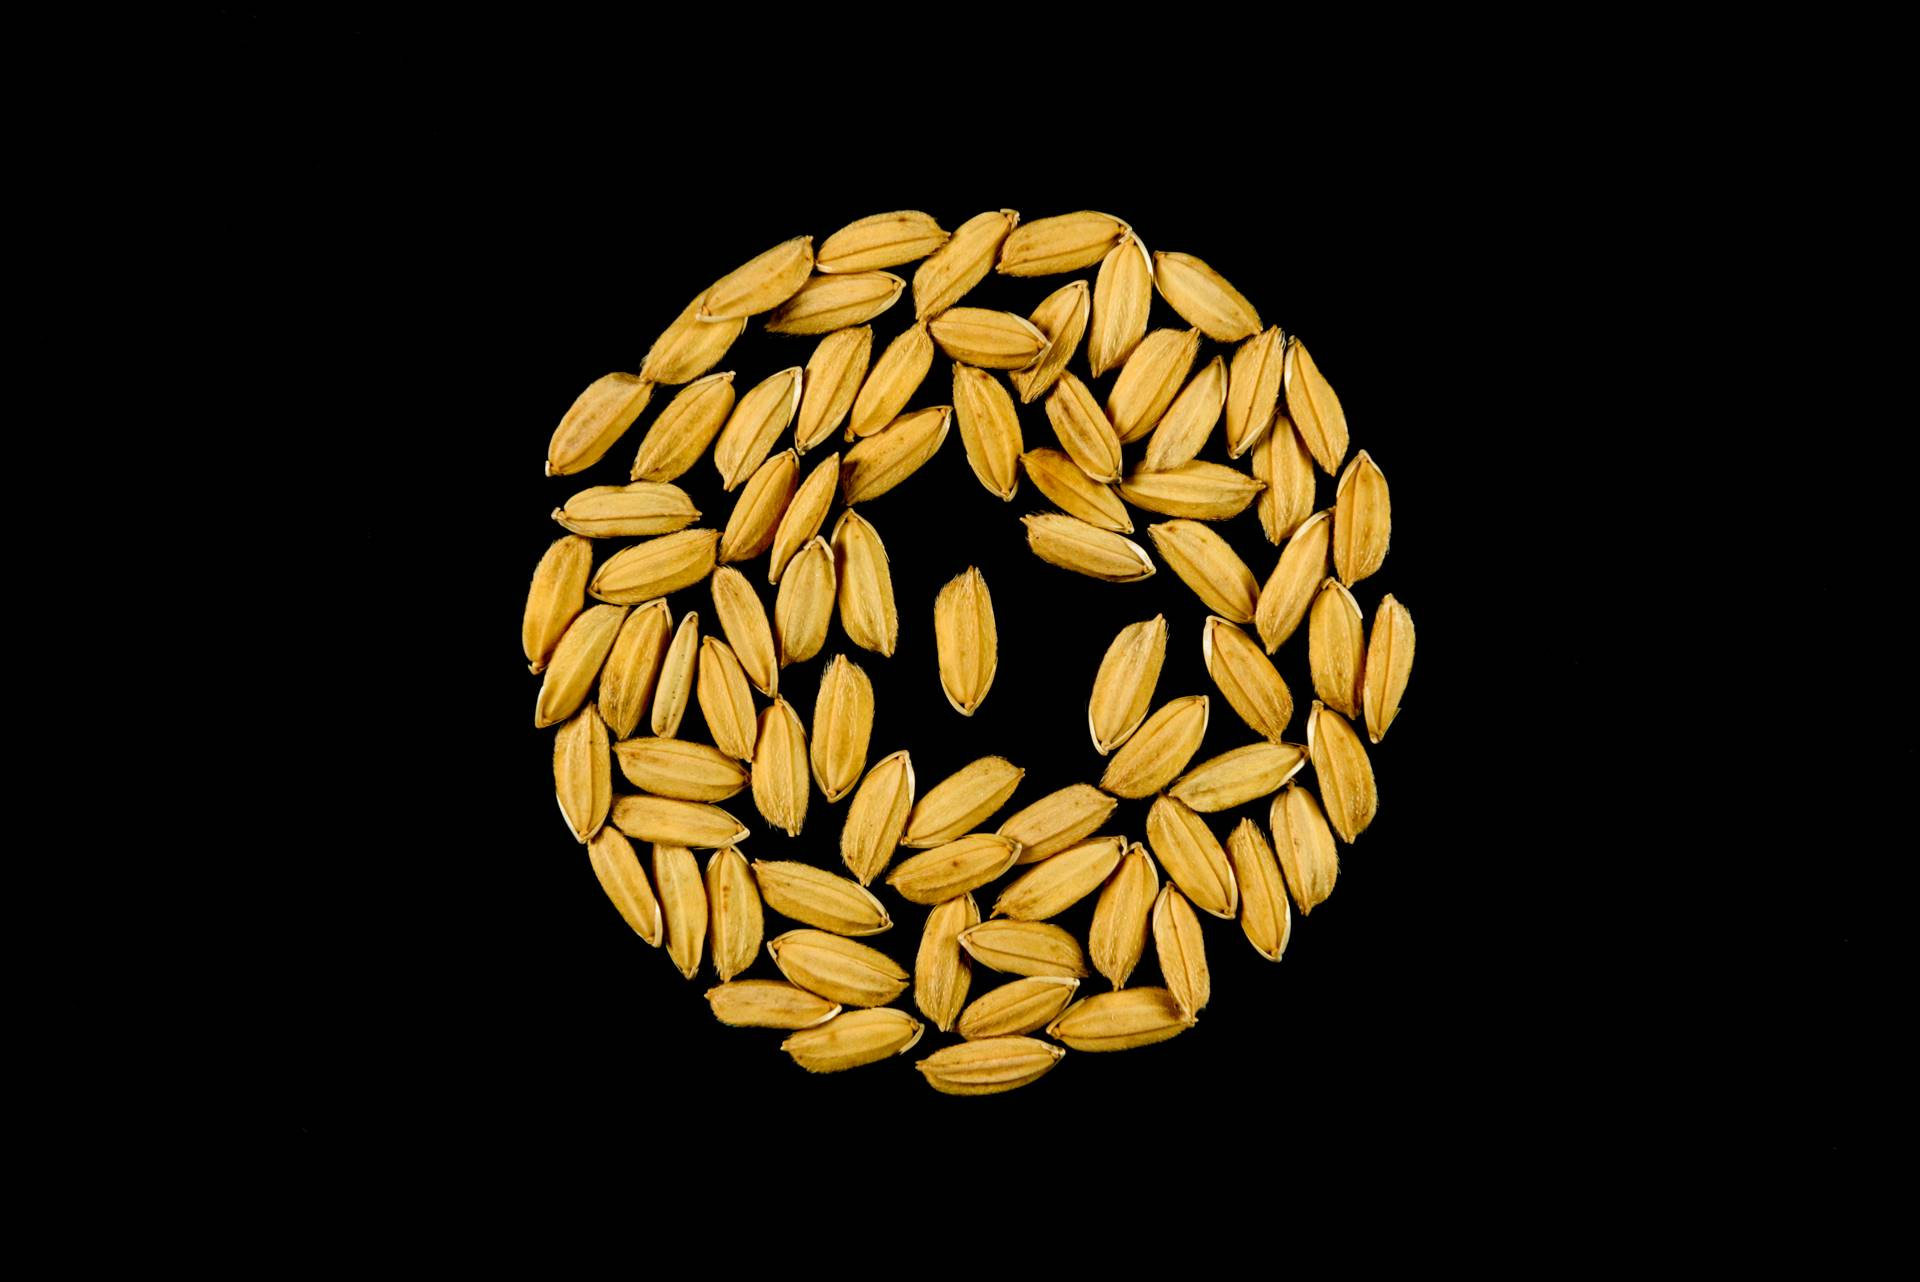 seme di riso barone cl risone